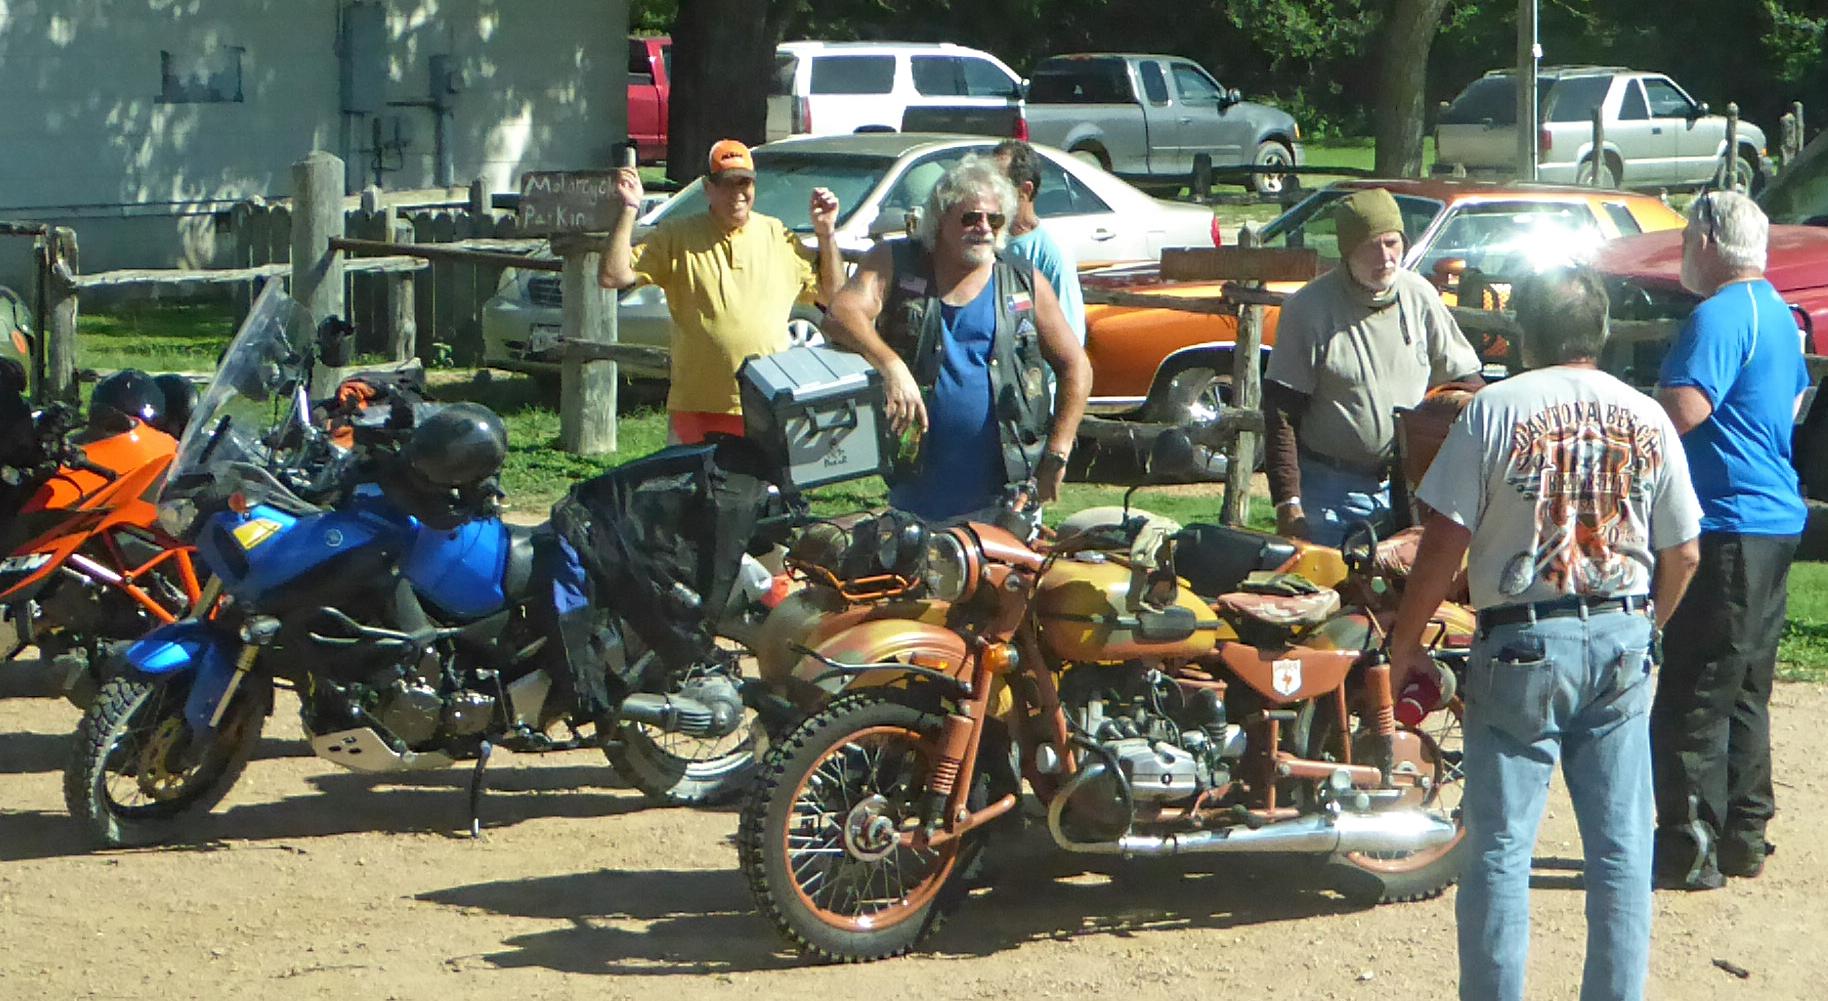 Janice Edelman_Texan Bikers.jpg